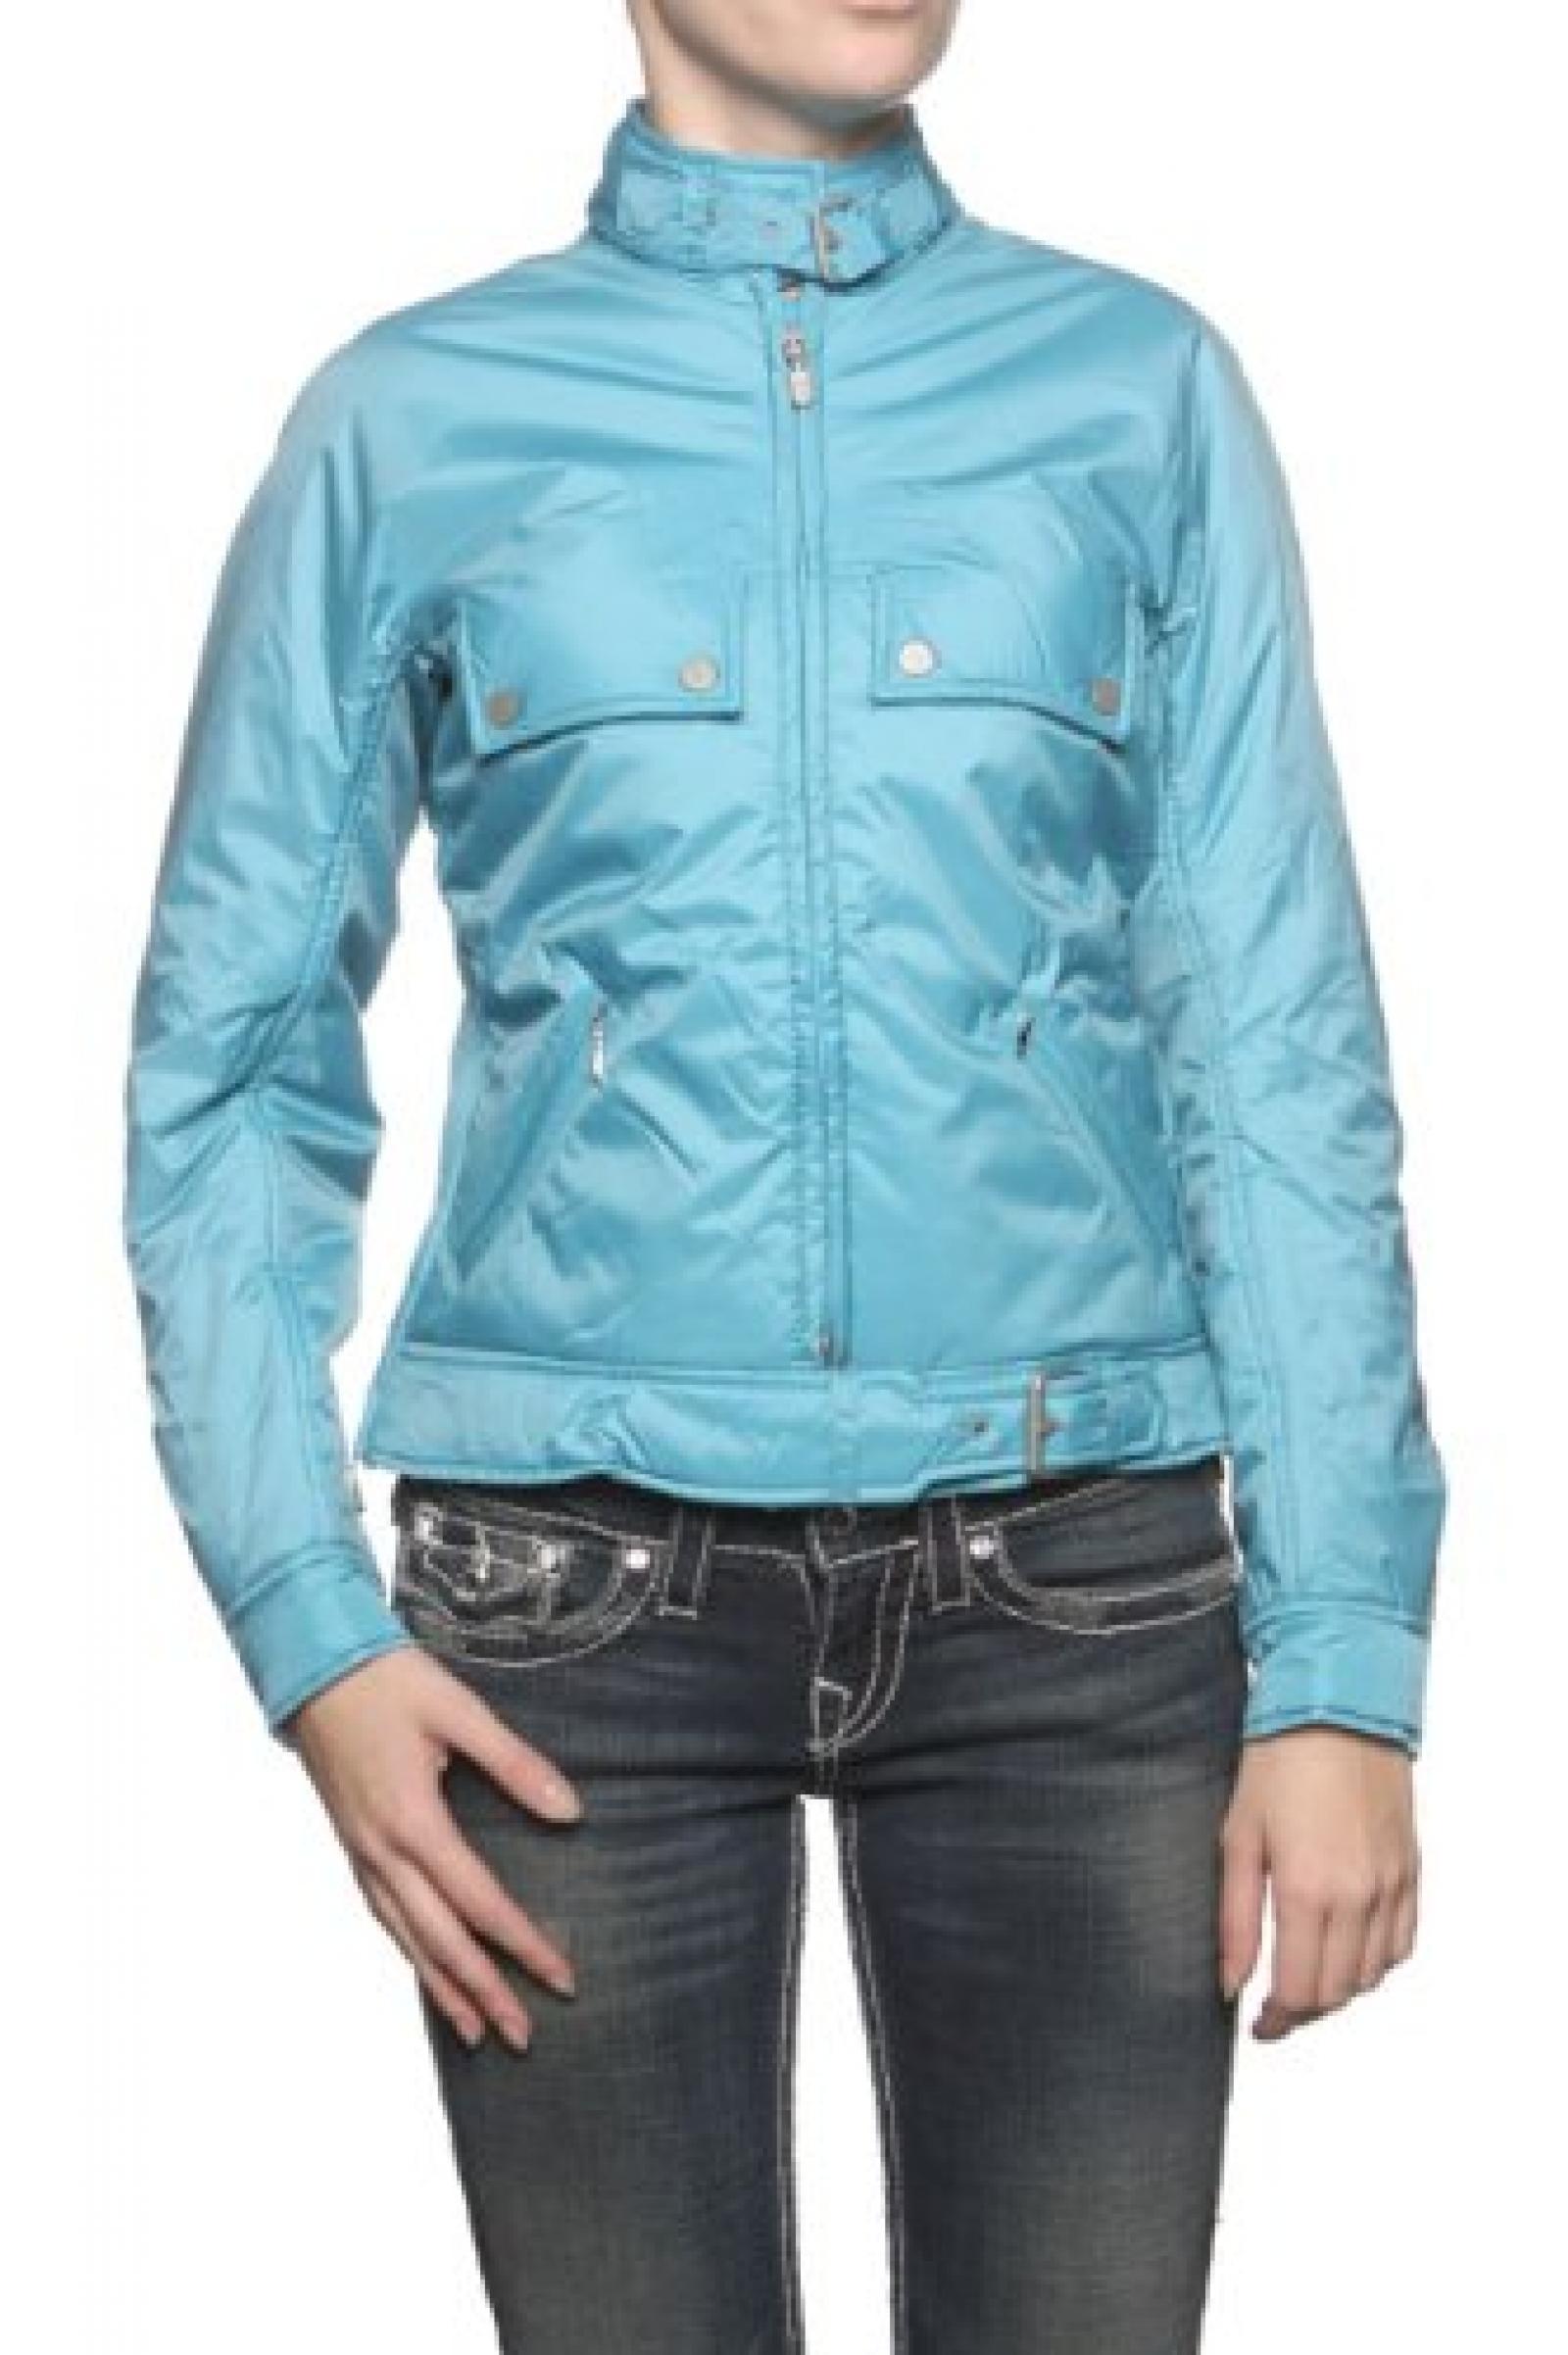 Belstaff Silver Label Damen Jacke Blouson-Jacke DRAGONFLY, Farbe: Petrol